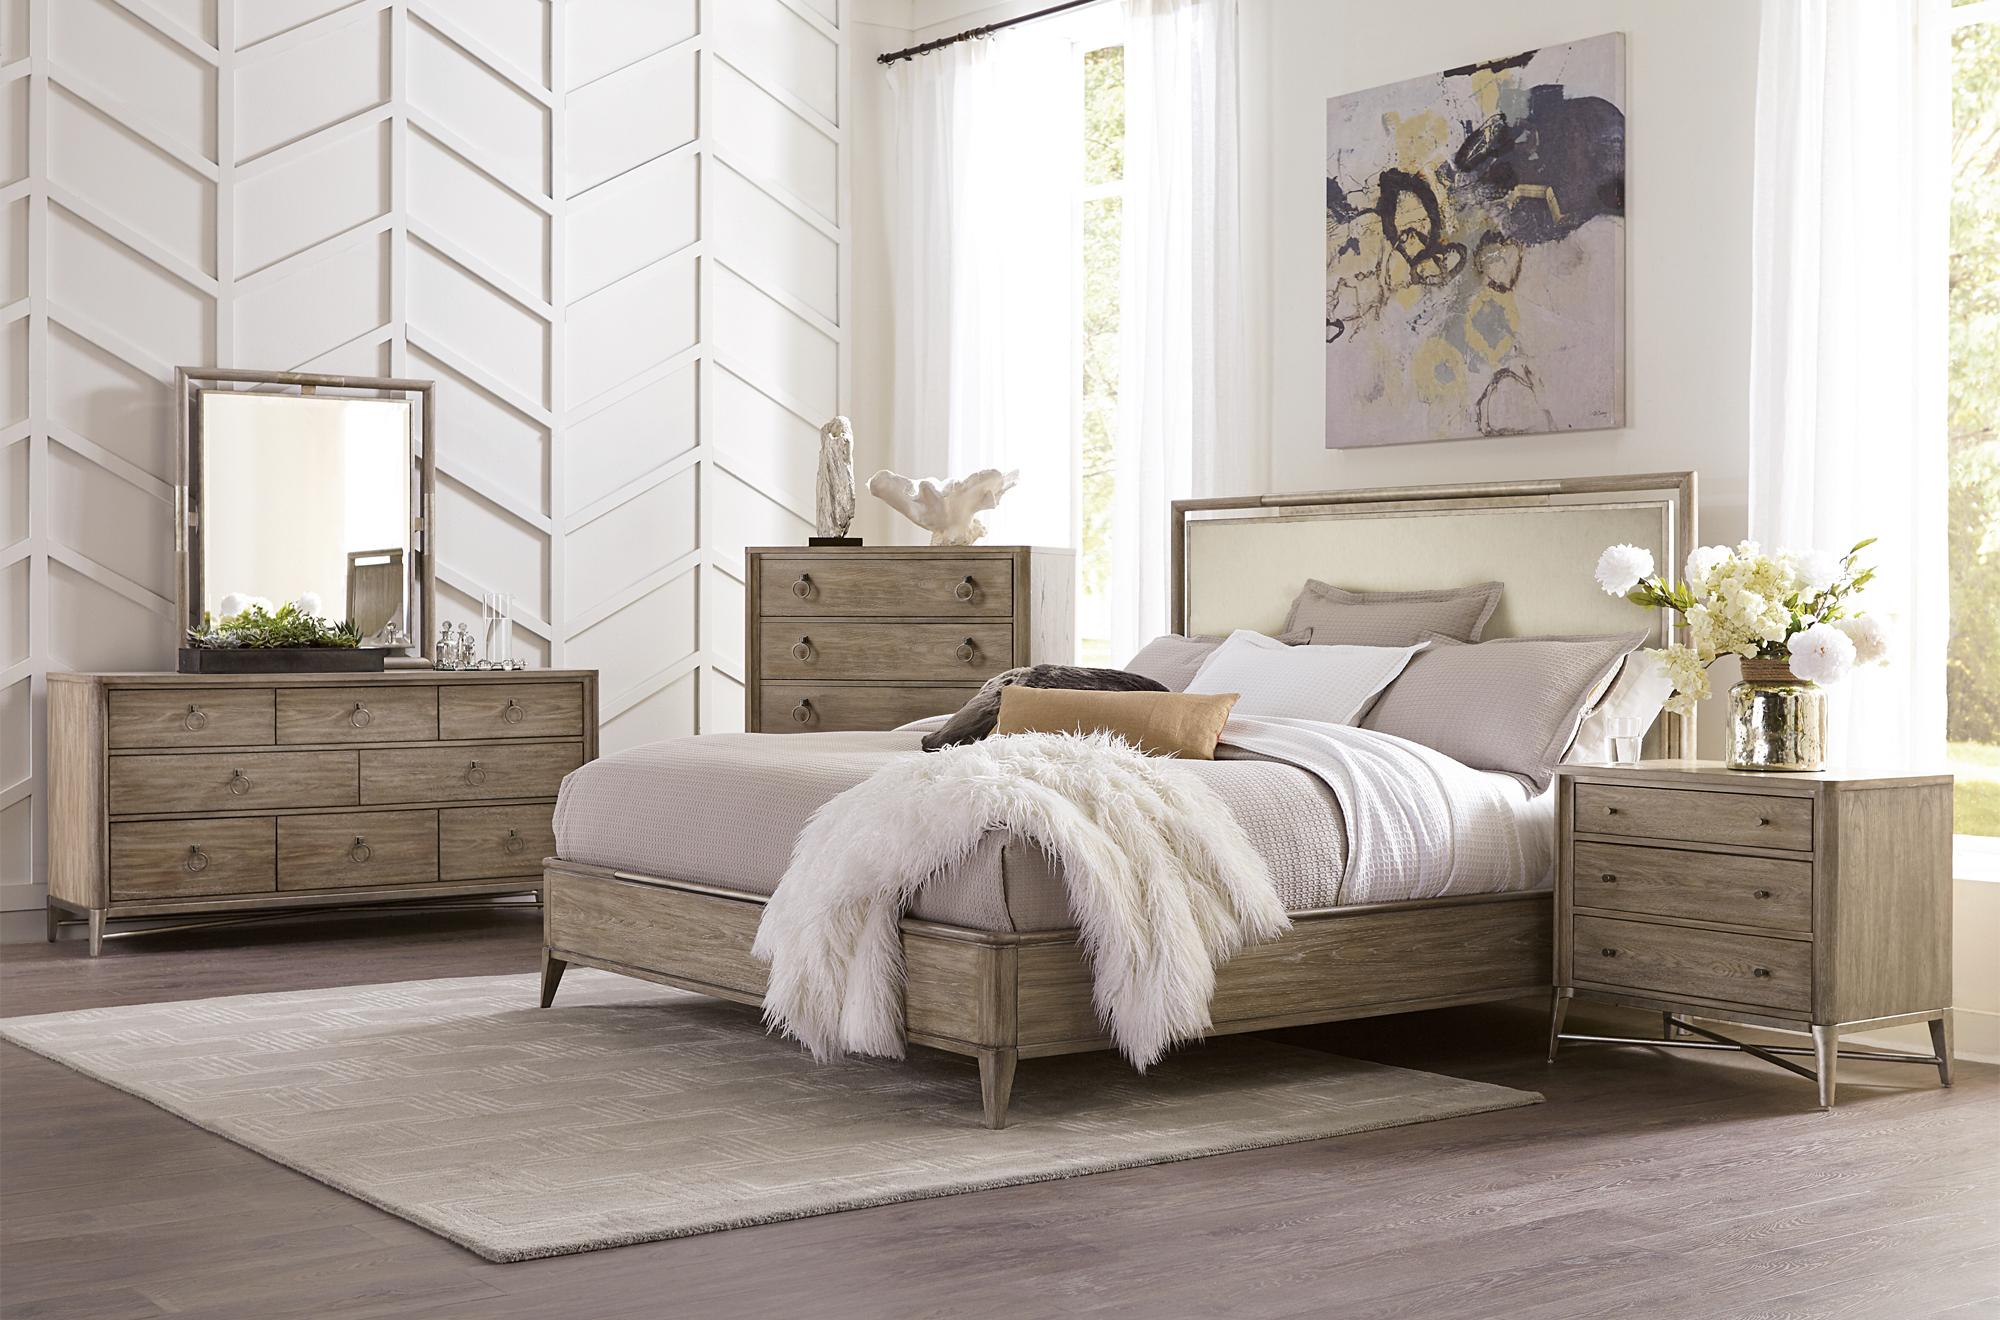 Riverside Sophie Furniture De